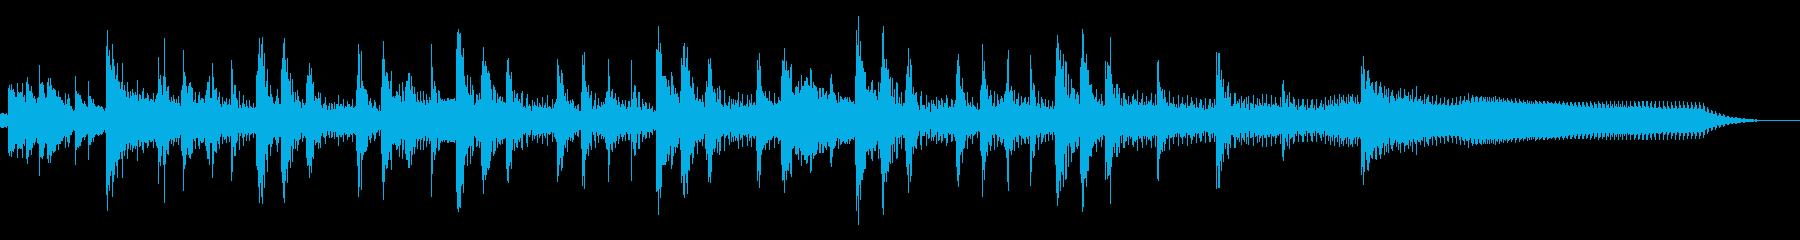 ランチェロリズム、速いテンポから遅...の再生済みの波形